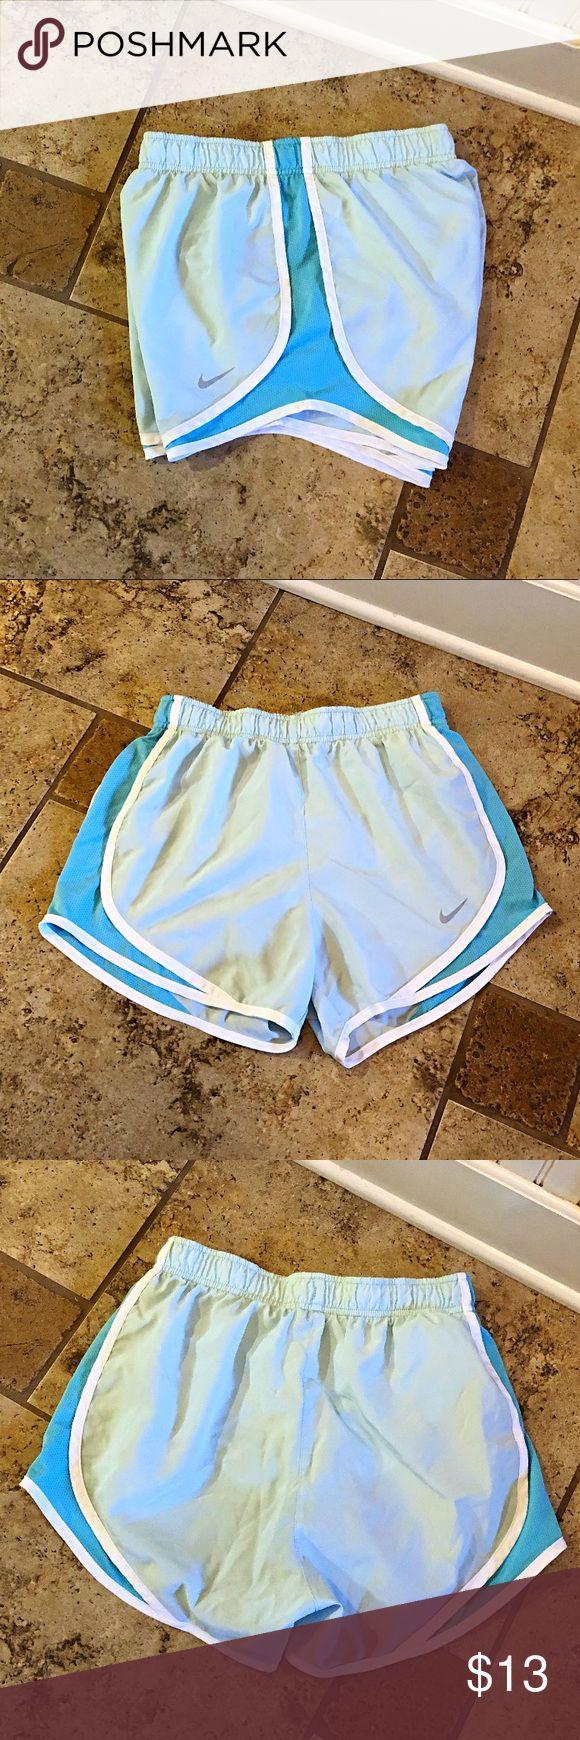 Nike Shorts Damen Nike Tempo Shorts in Hellblau mit weißem Rand an den Seiten und …   – My Posh Closet